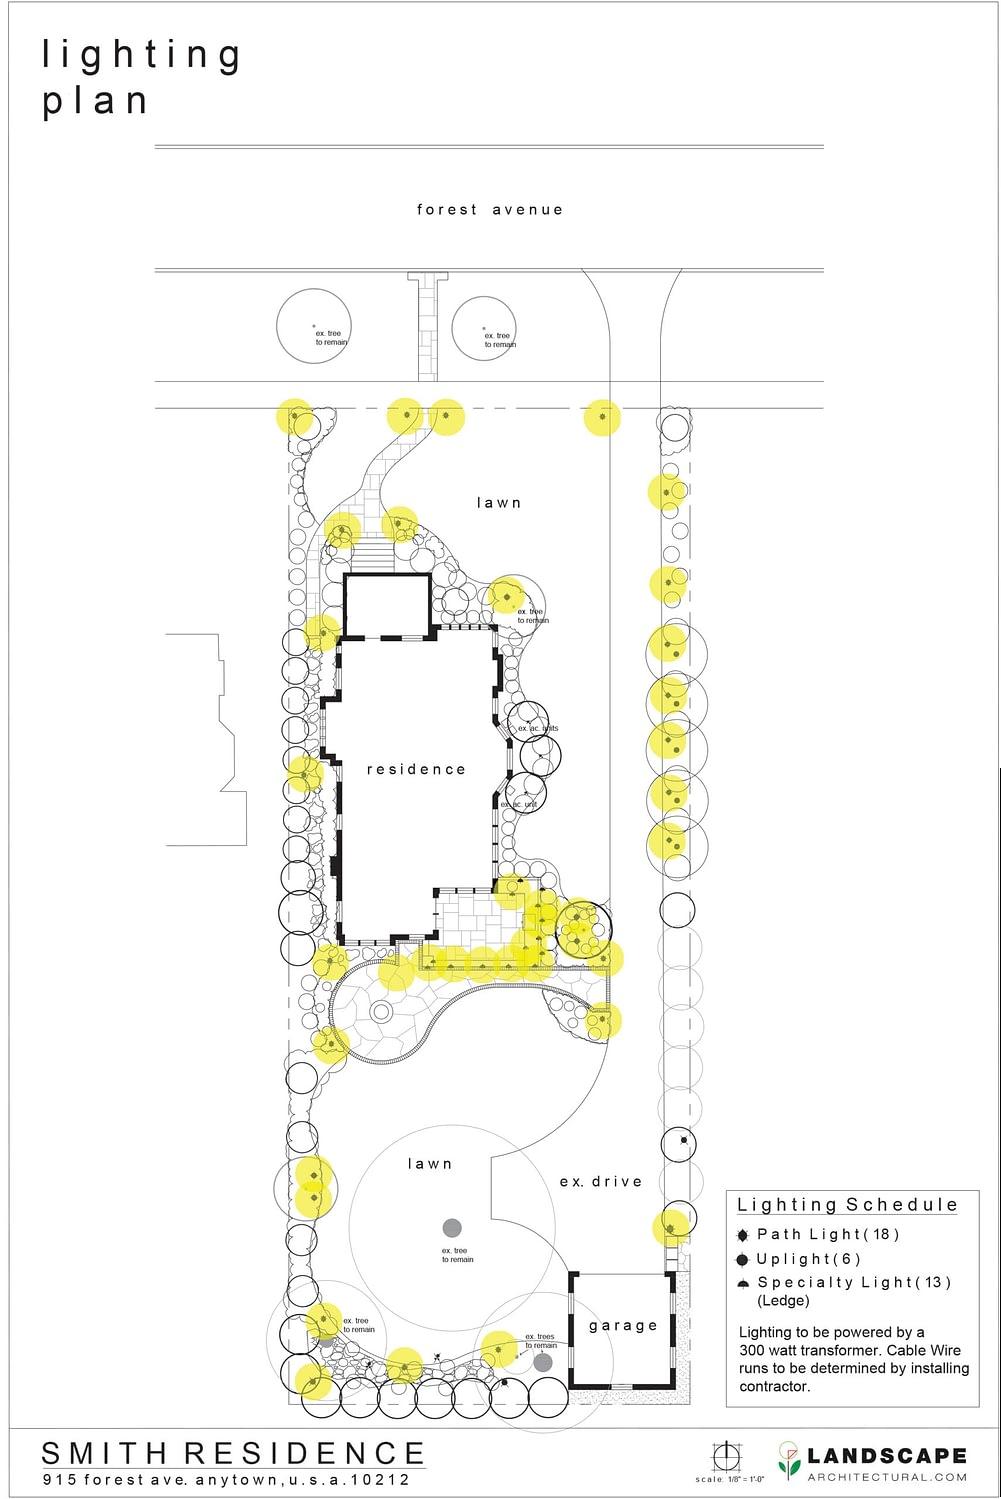 Lighting Plan Layout